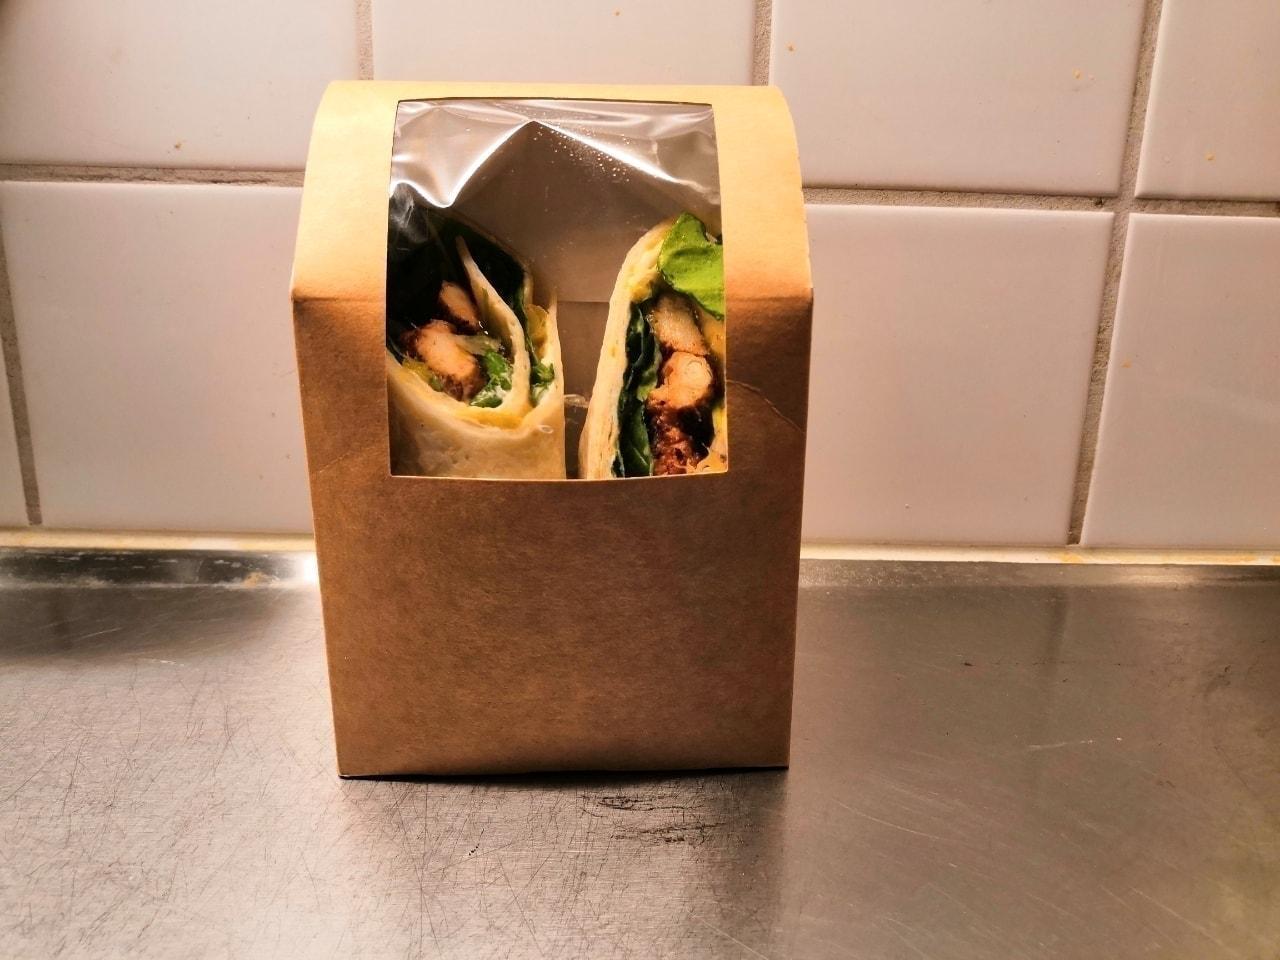 Fresh Chicken Wrap (Chicken, Cream Cheese, Cashew Nut) from Barista Victoria Götgatan (13 Dec, 2019)